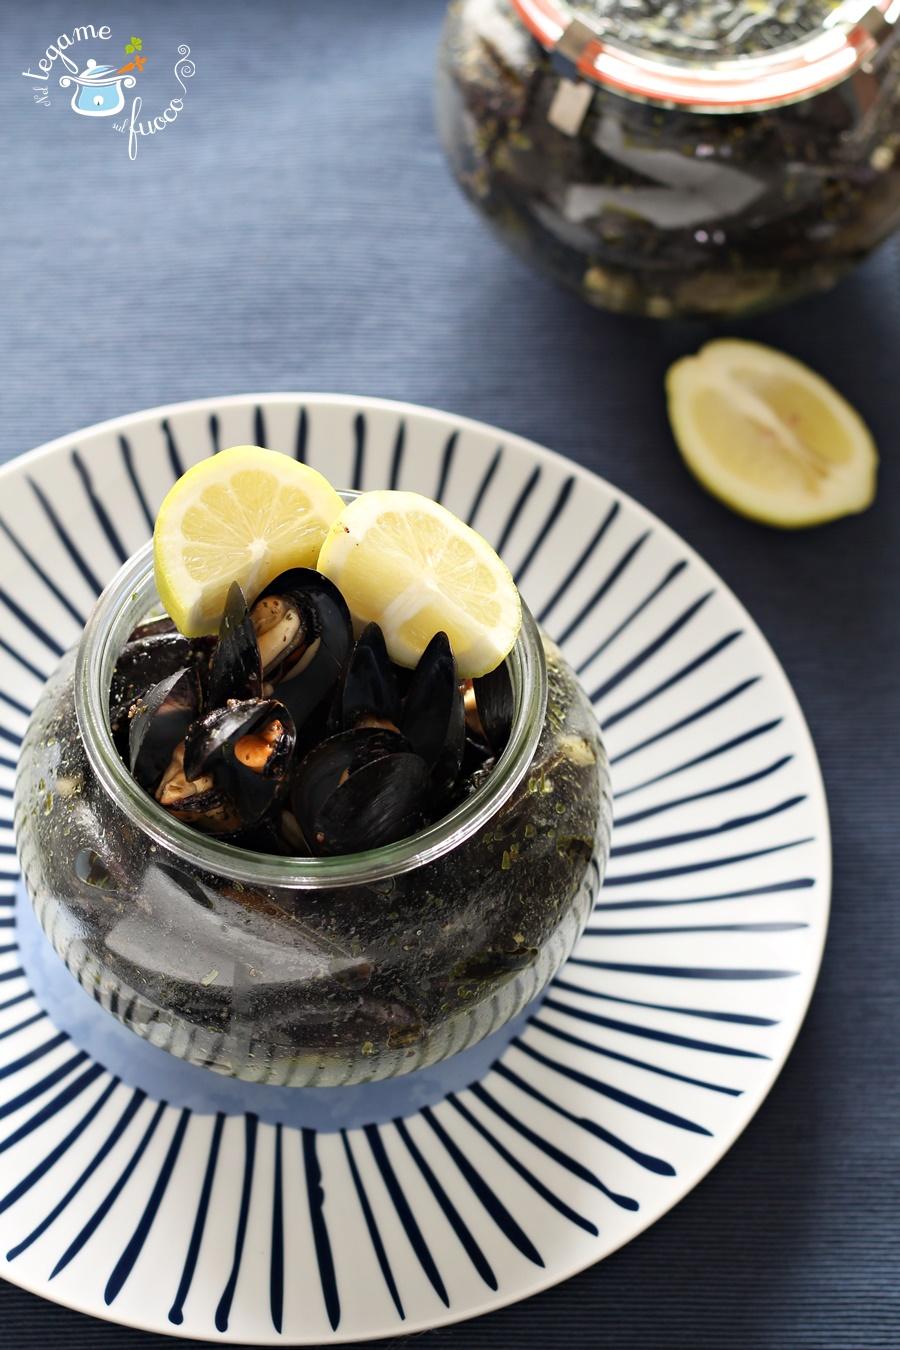 ricetta per cuocere impepata di cozze in vasetto al microonde